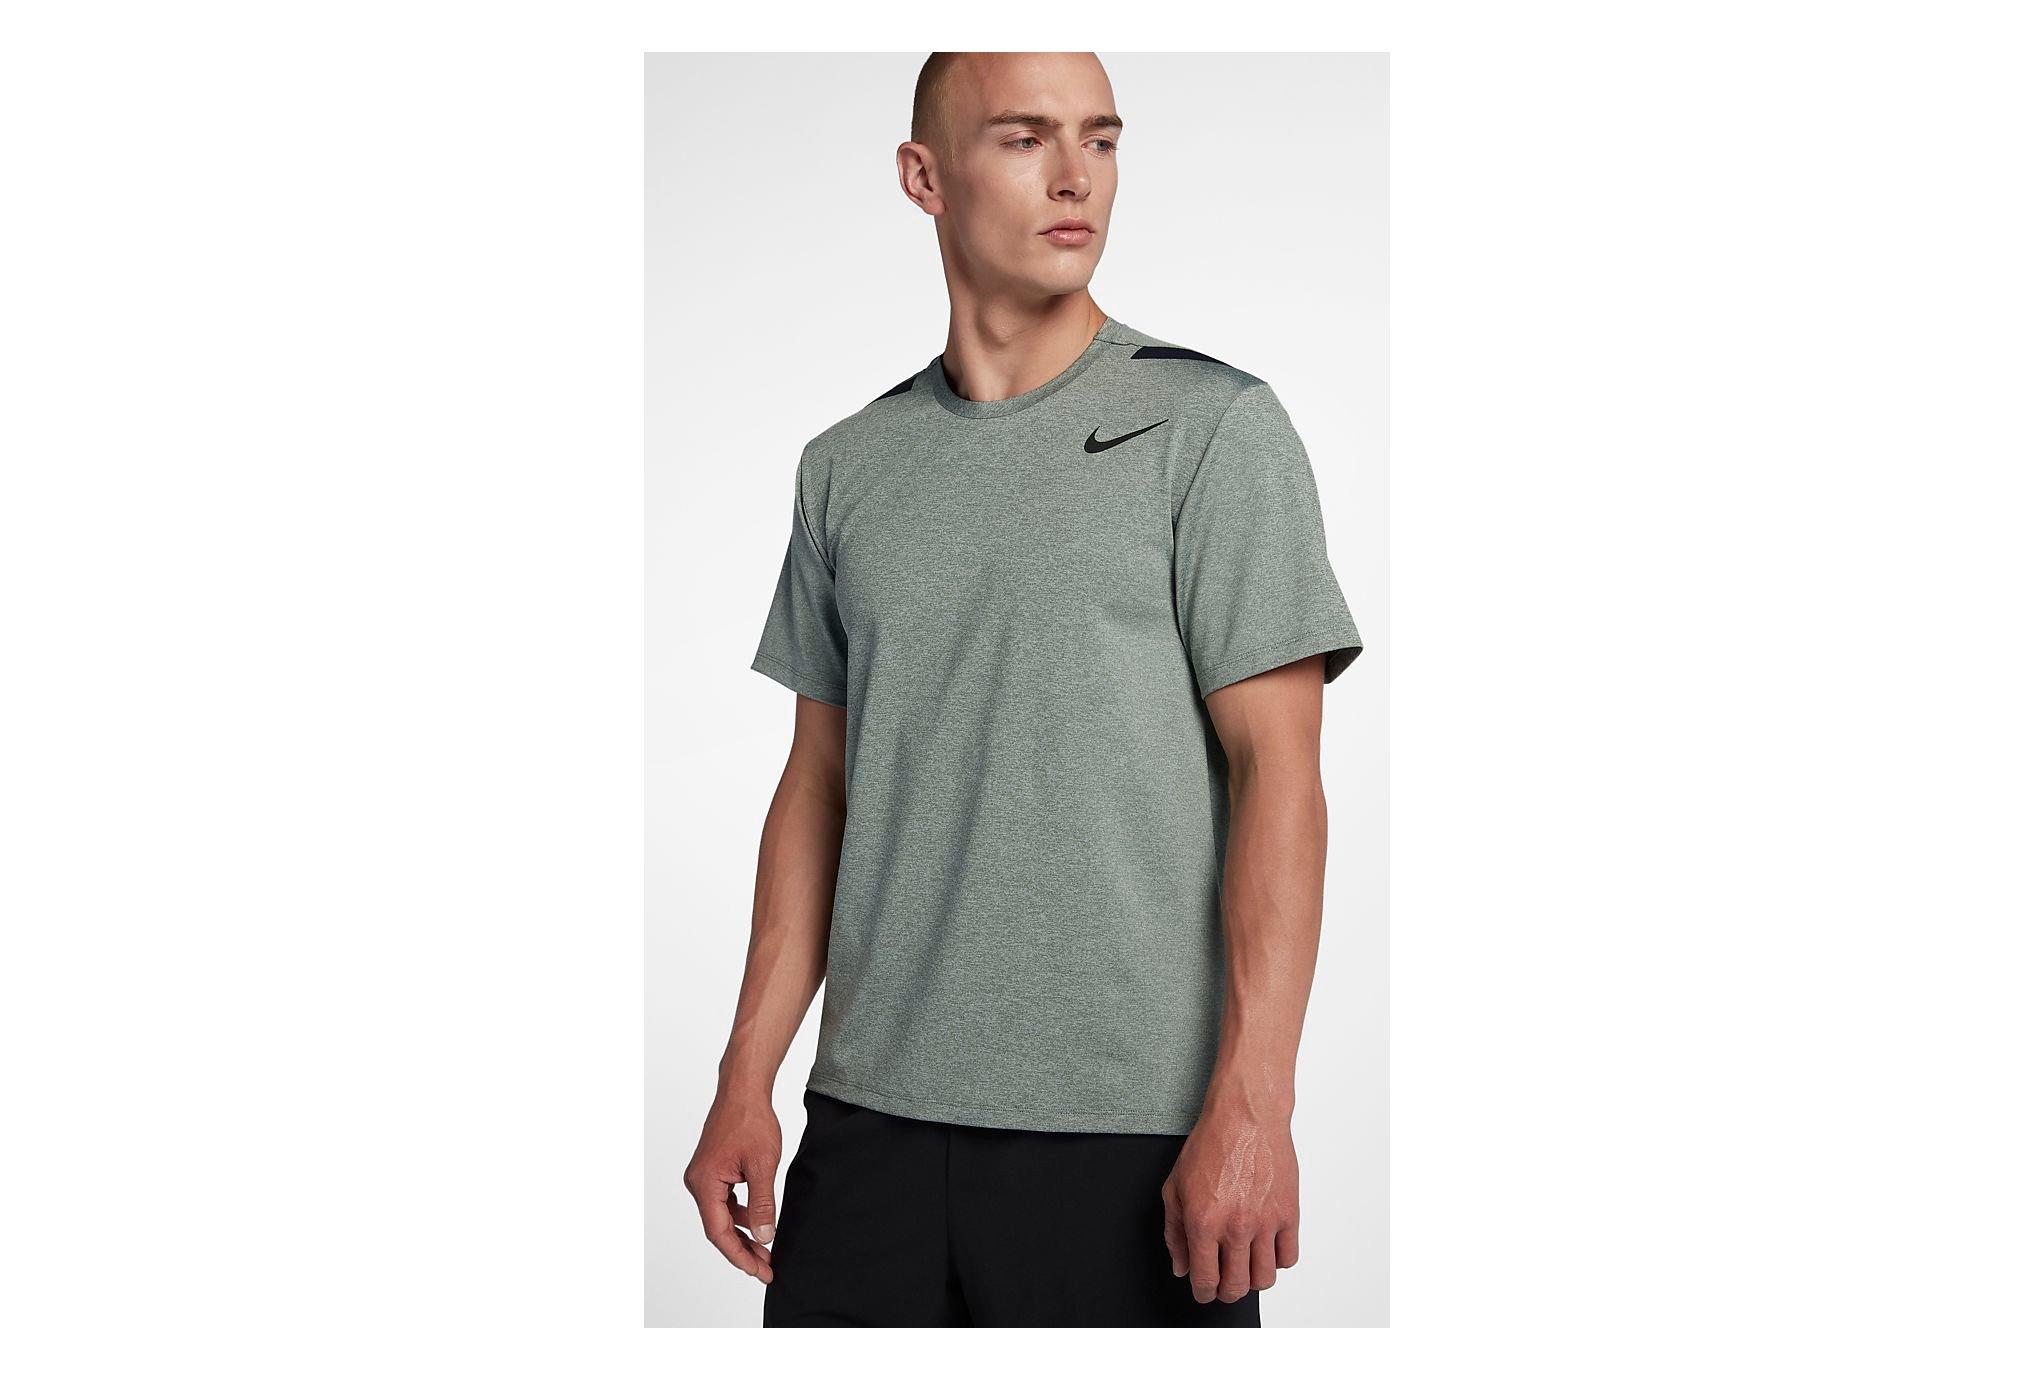 Nike Dry Hyper M vêtement running homme